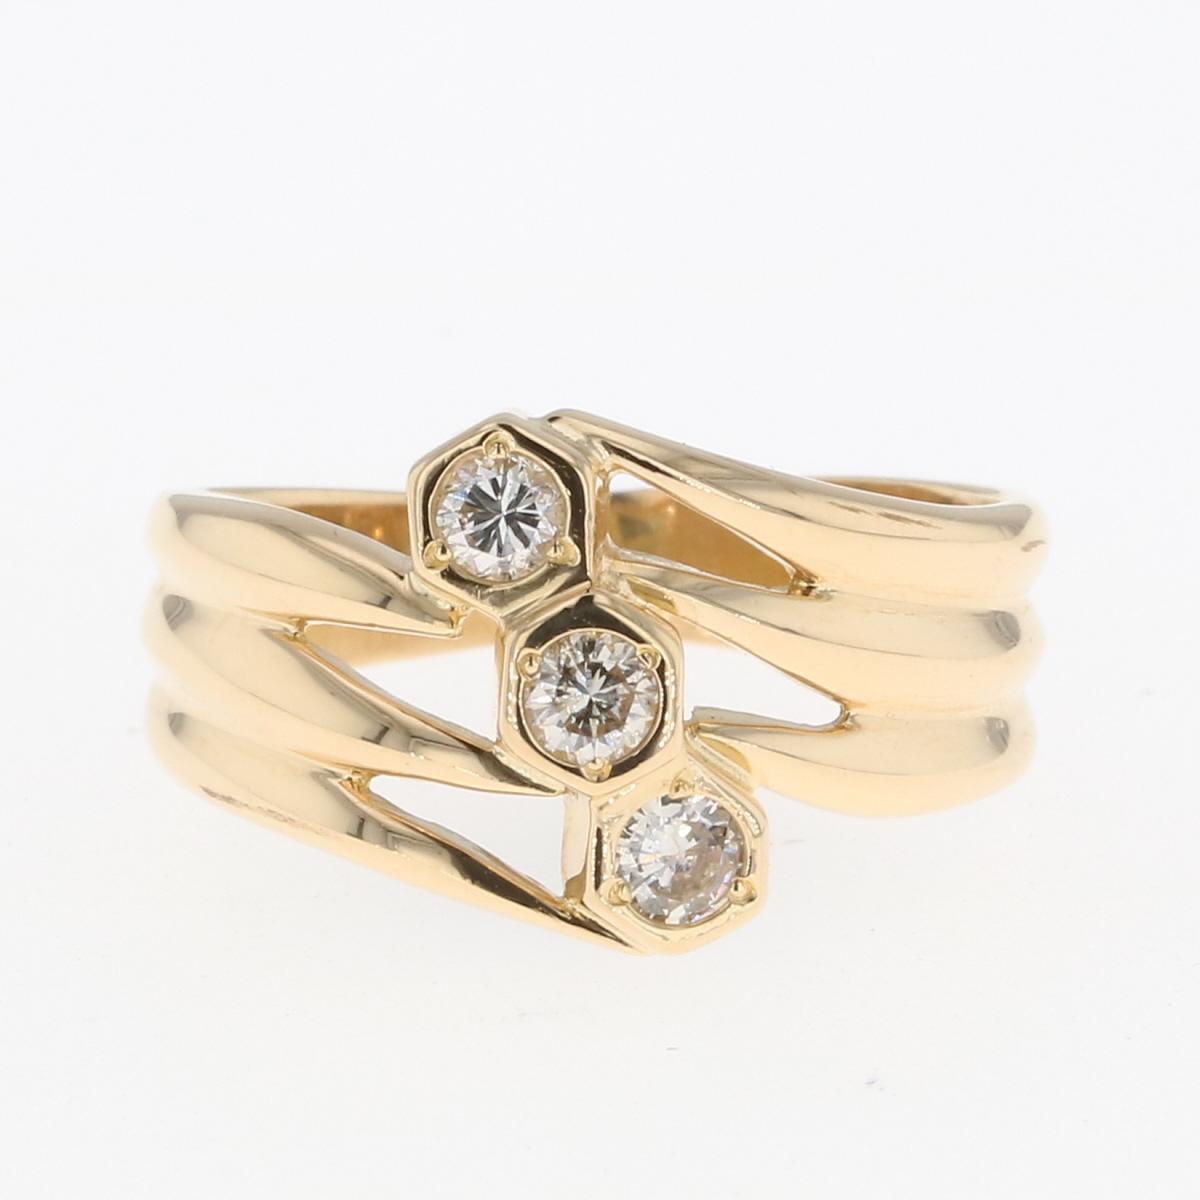 USED 送料無料 メレダイヤ デザインリング K18 イエローゴールド 指輪 ダイヤモンド レディース 8号 中古 店内限界値引き中 セルフラッピング無料 YG リング ランキングTOP10